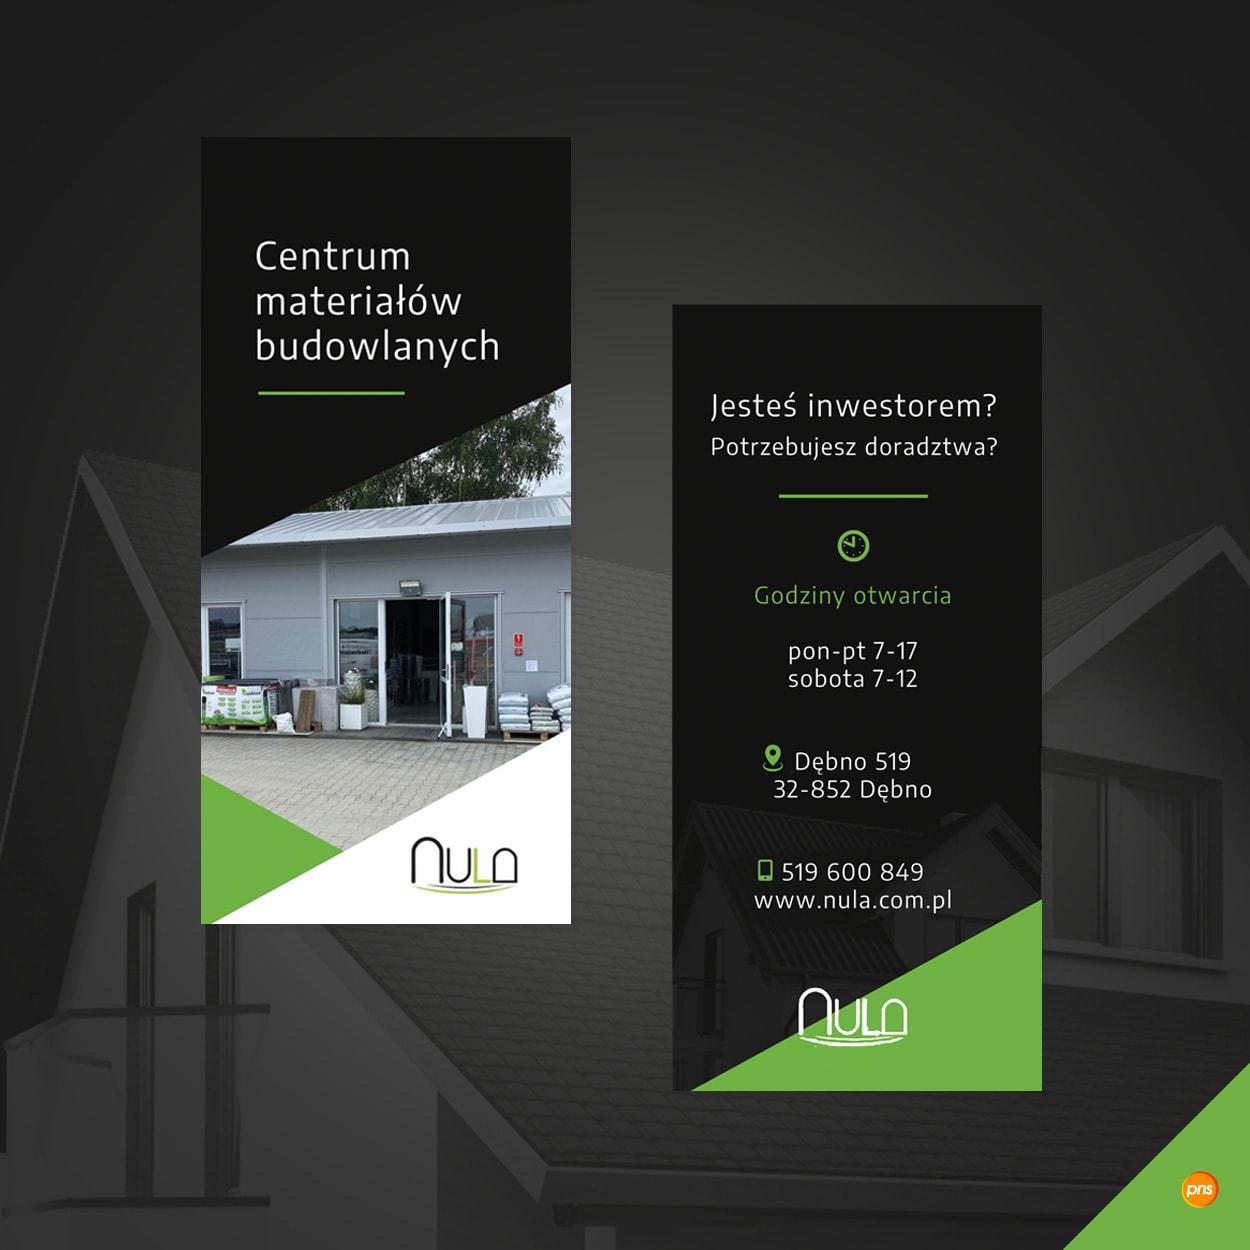 projekt graficzny ulotki dl firma budowlana nula - Projekt ulotki reklamowej dla hurtowni budowlanej - Nula